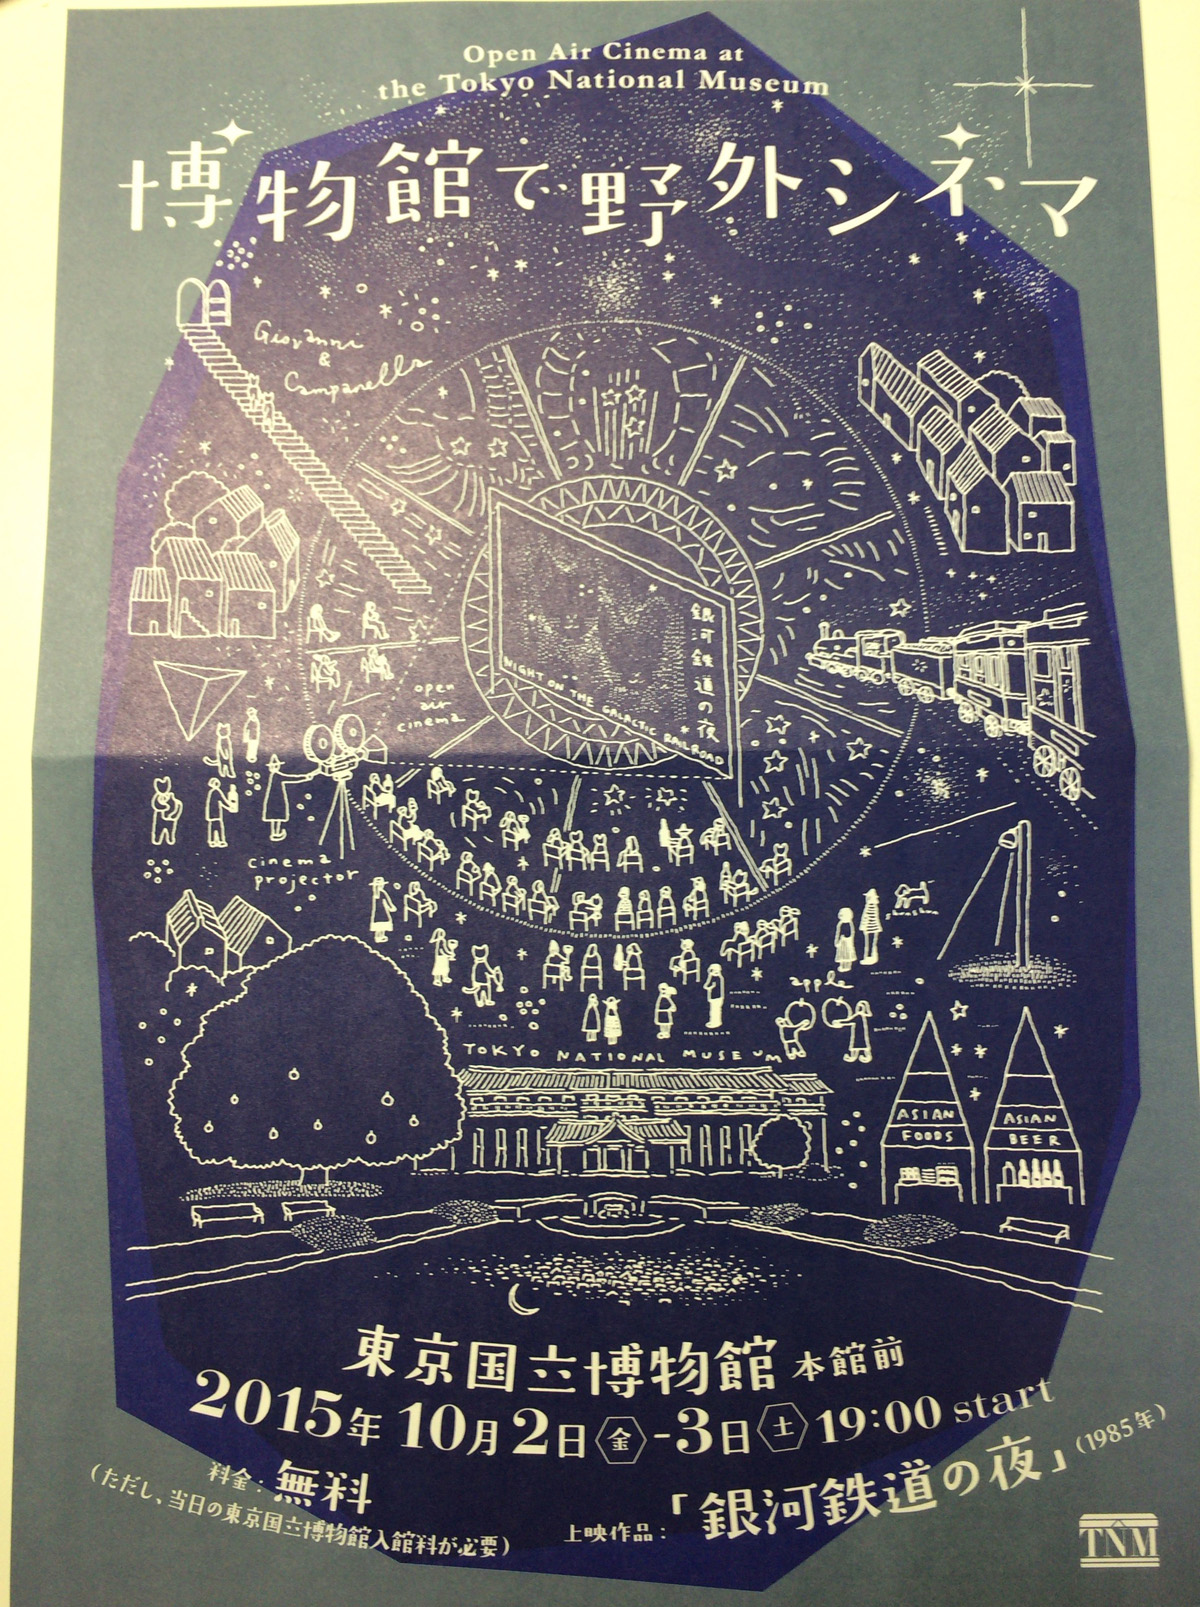 博物館で野外シネマ 銀河鉄道の夜